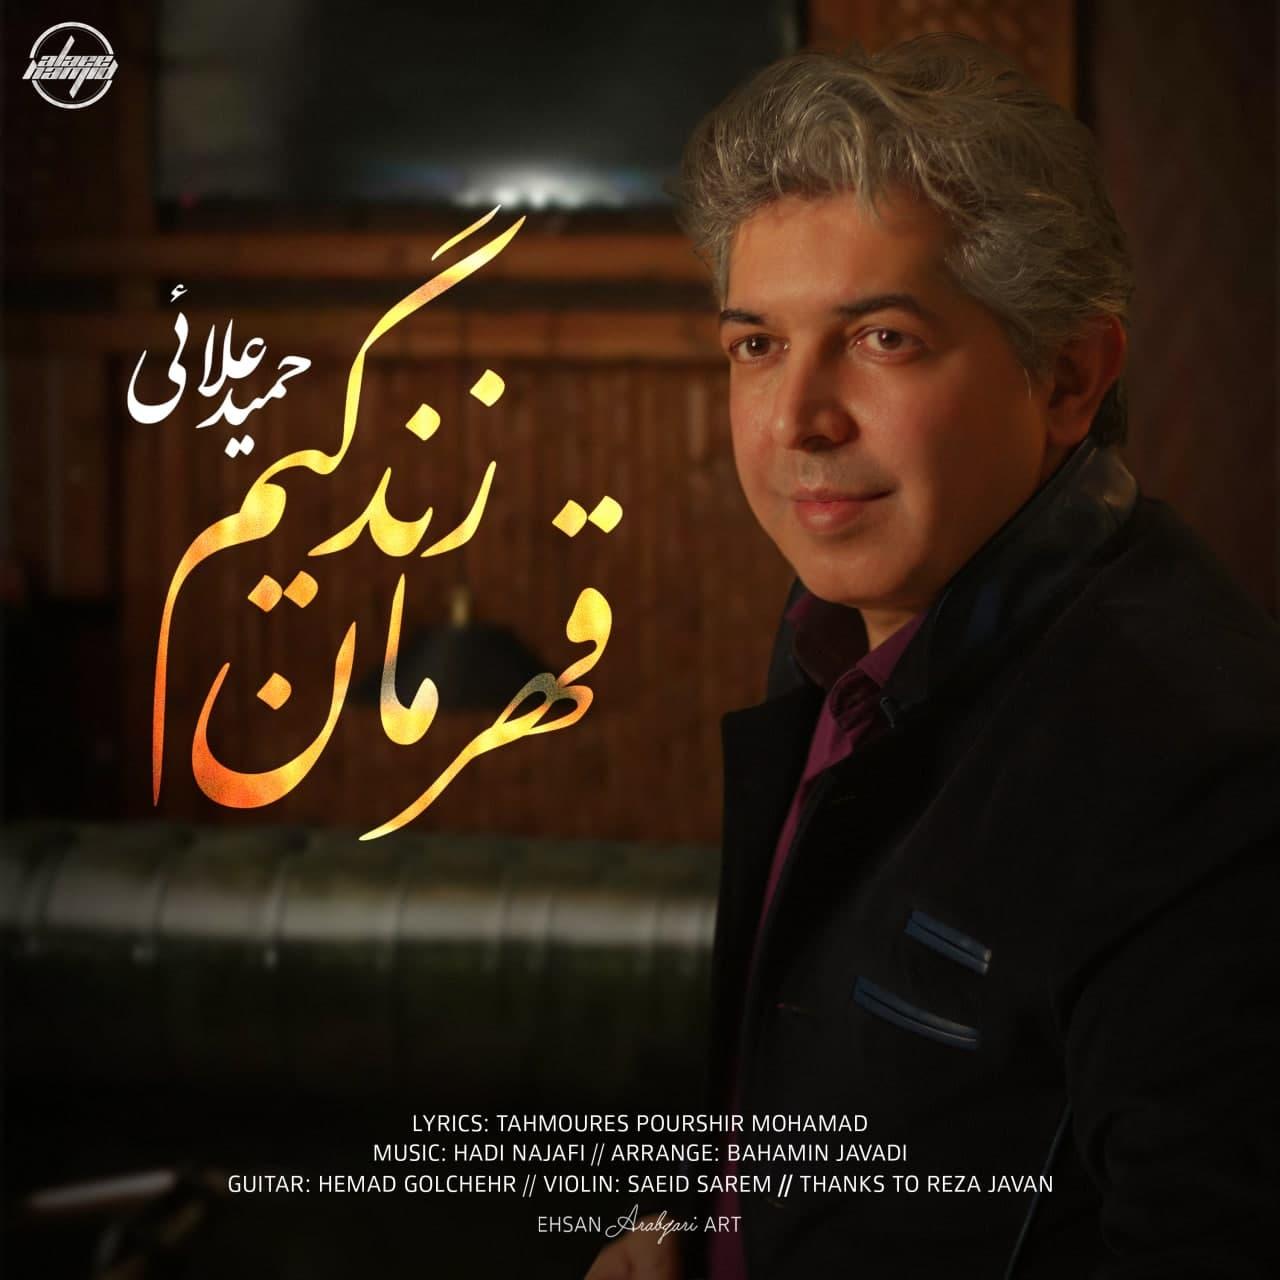 دانلود موزیک جدید حمید علایی قهرمان زندگیم